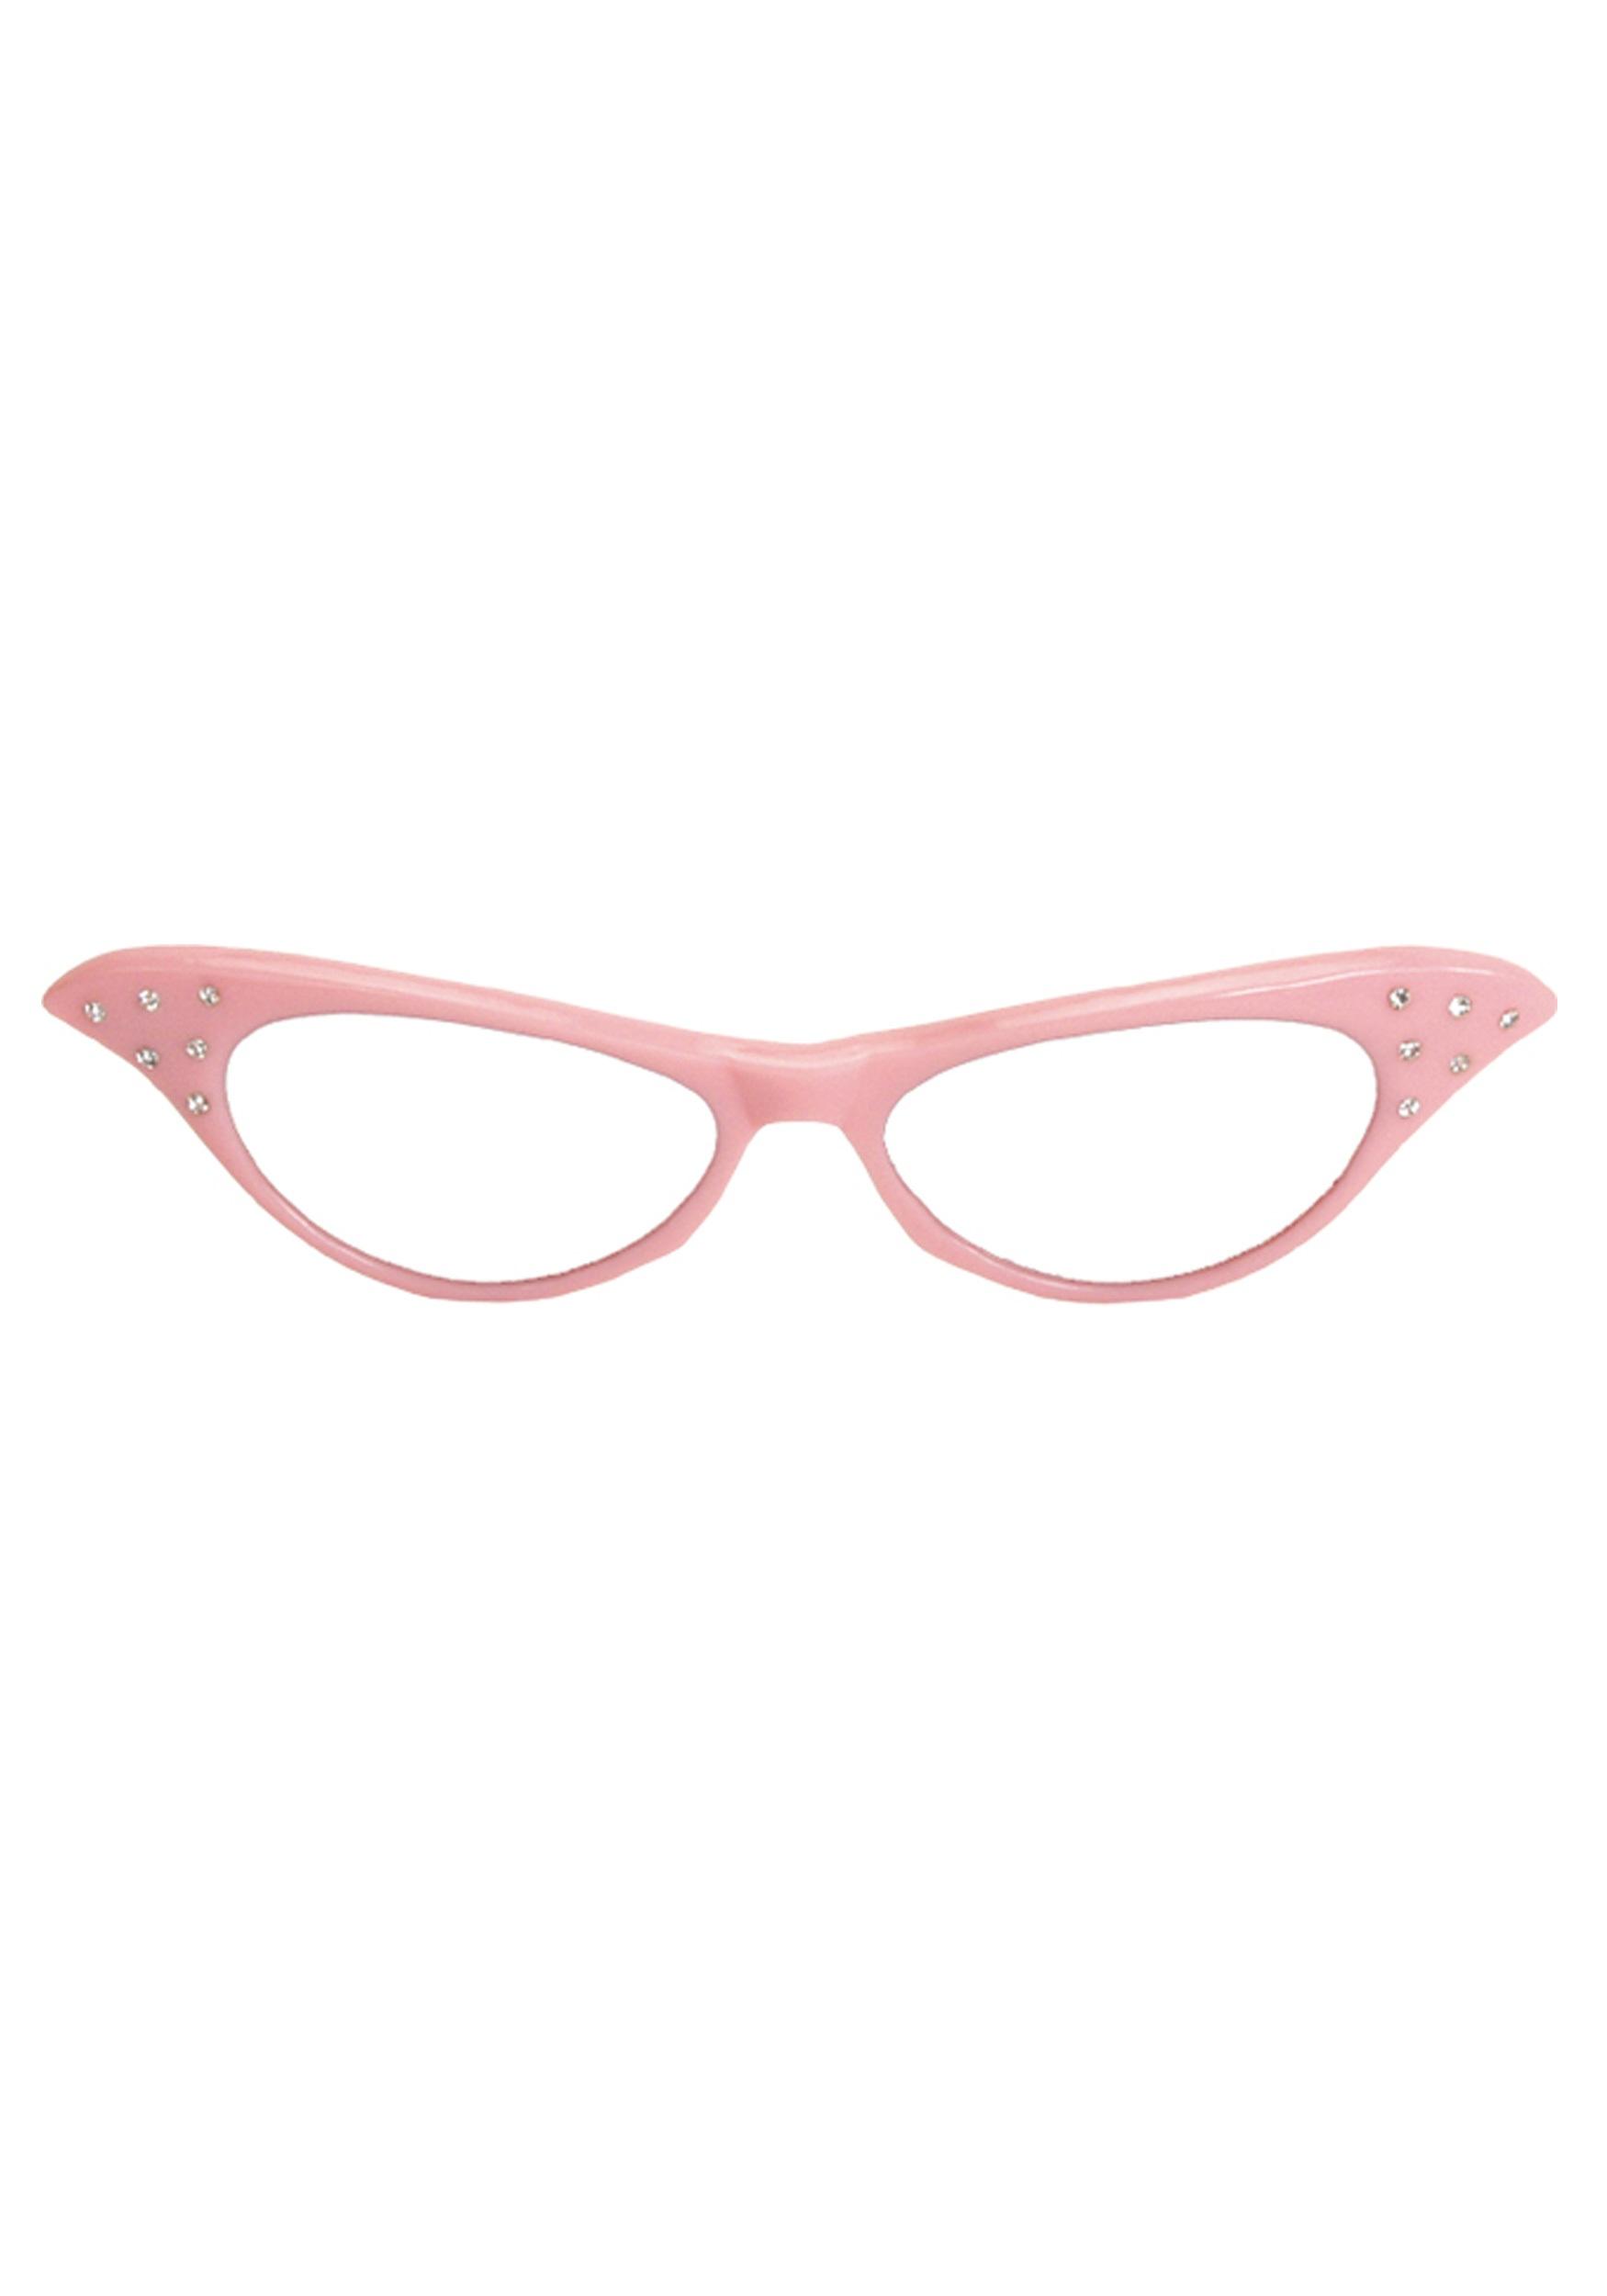 Glasses Frames Pink : 50s Pink Frame Glasses